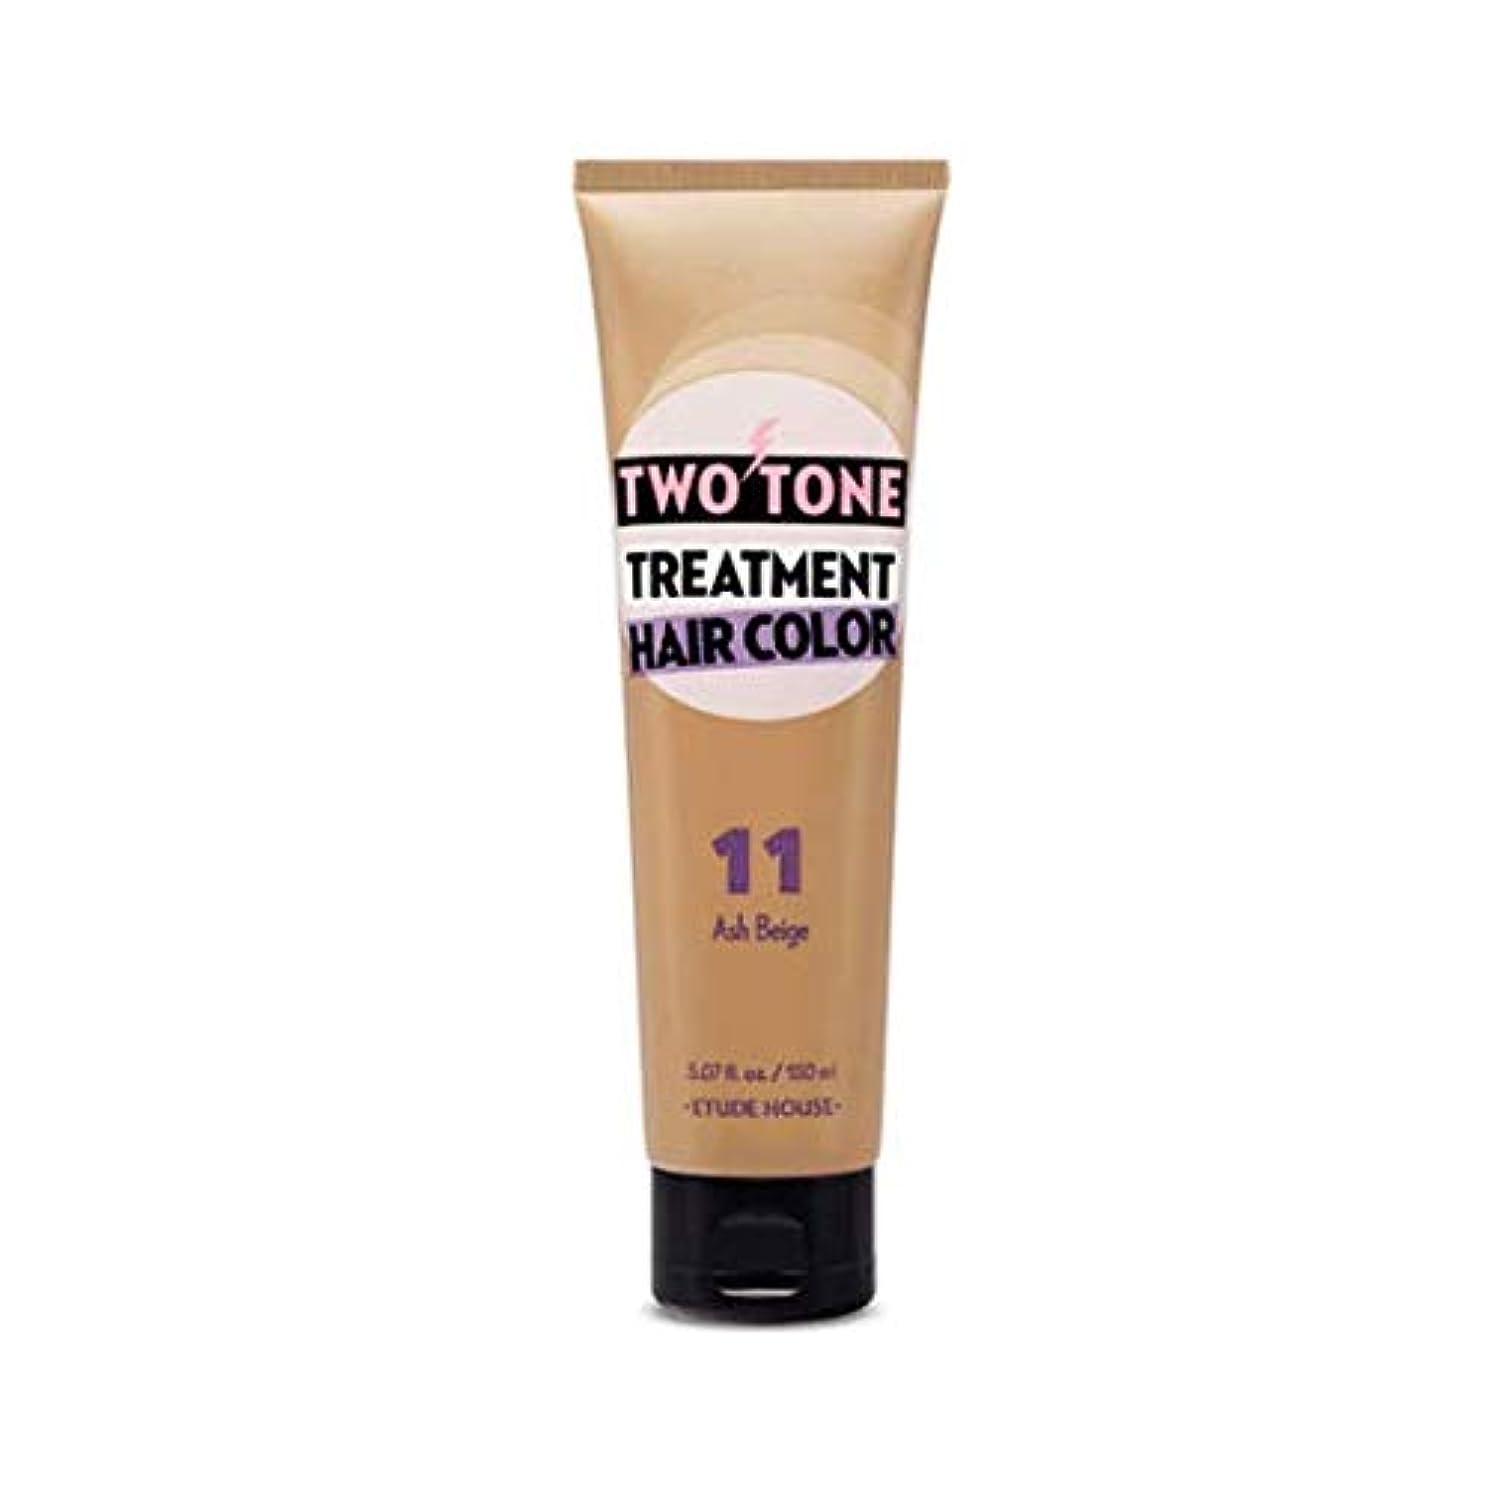 地球優先感じるETUDE HOUSE Two Tone Treatment Hair Color *11 Ash Beige/エチュードハウス ツートントリートメントヘアカラー150ml [並行輸入品]